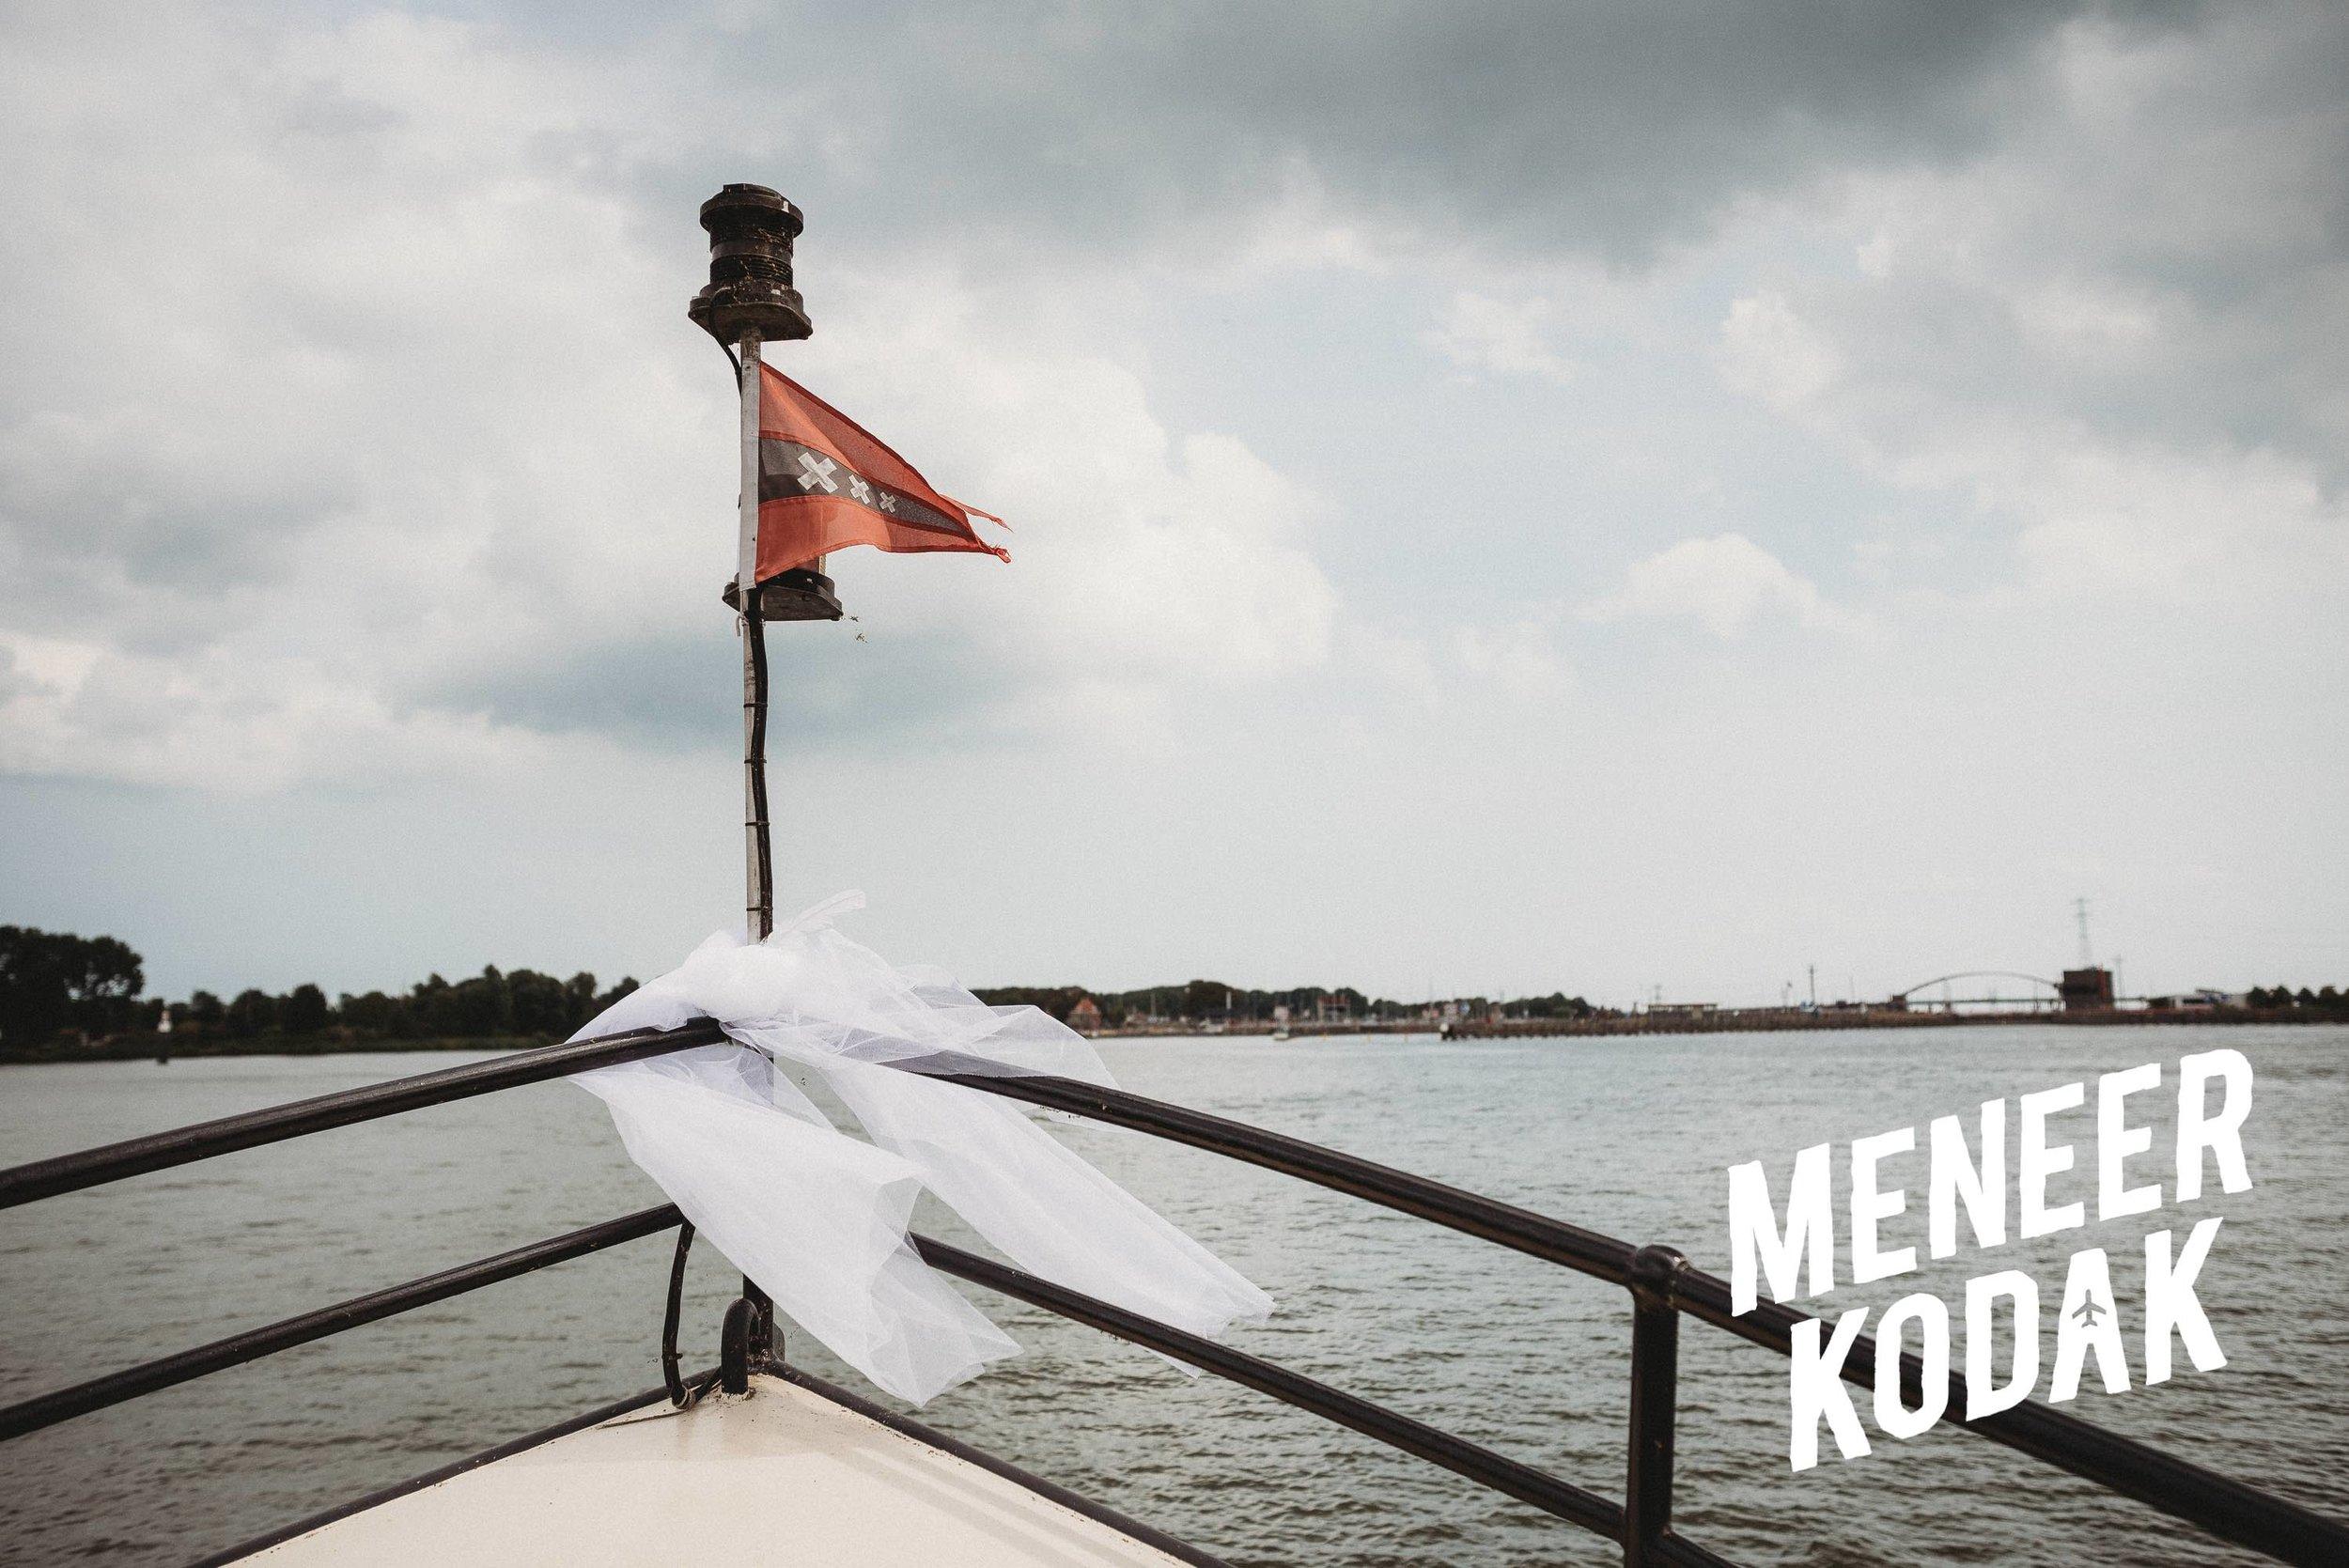 Meneer Kodak - Trouwfotograaf - Amsterdam - H&T-076.jpg